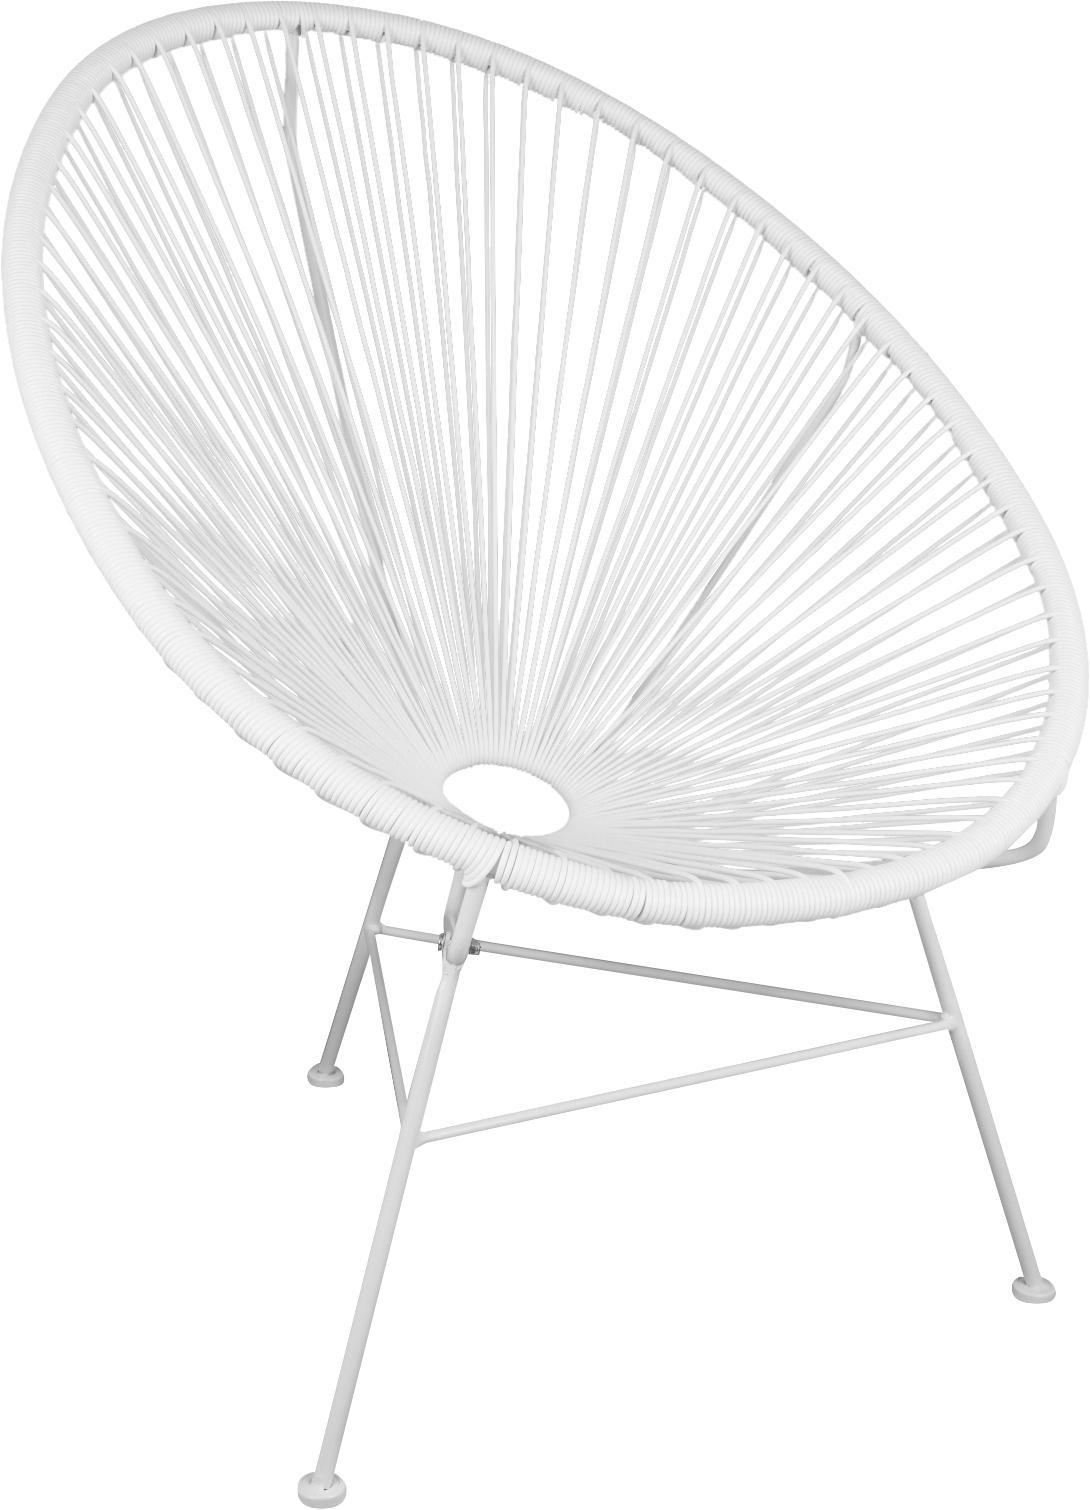 Sedia a poltrona intrecciata Bahia, Seduta: materiale sintetico, Struttura: metallo, verniciato a pol, Materiale sintetico: bianco. Struttura: bianco, Larg. 81 x Prof. 73 cm